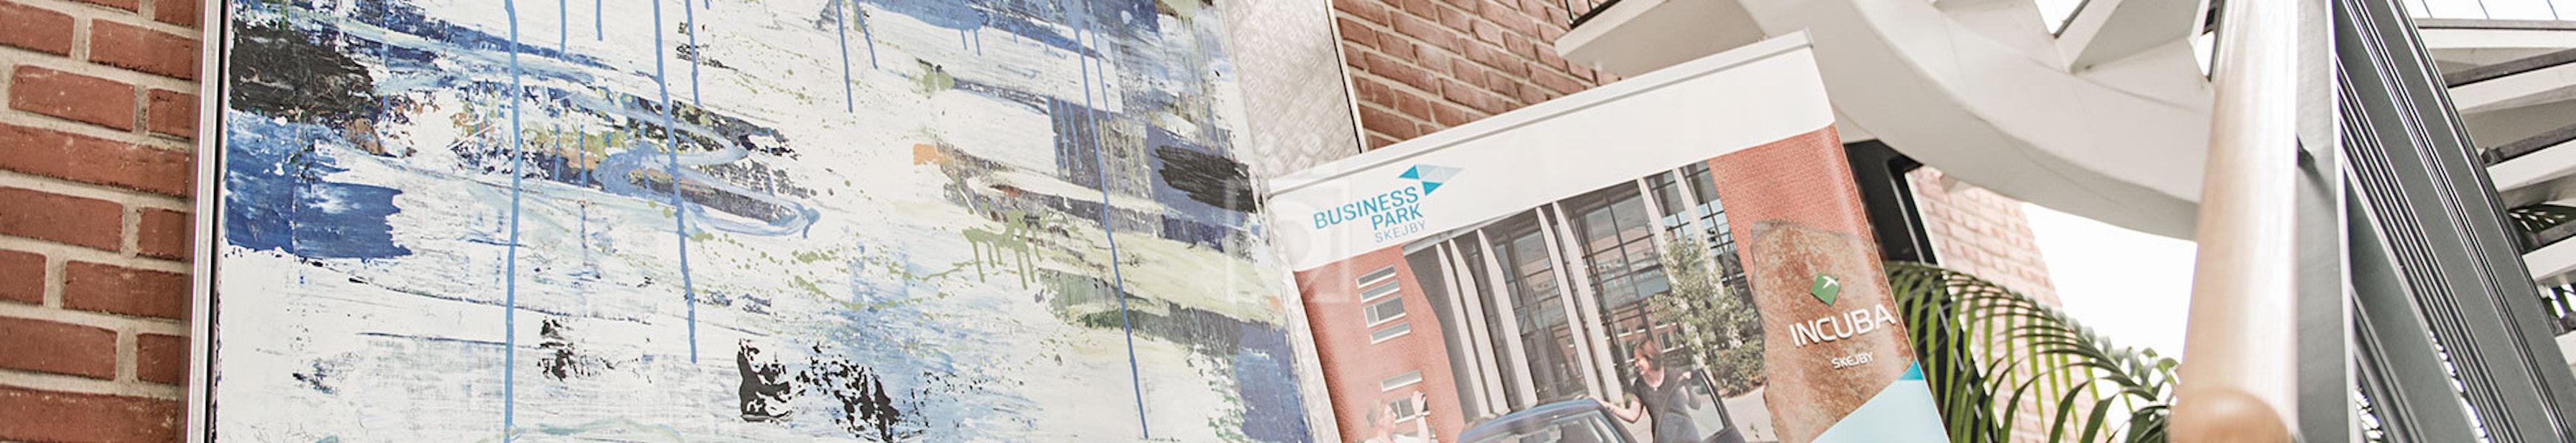 INCUBA Skejby, Aarhus - Read Reviews & Book Online